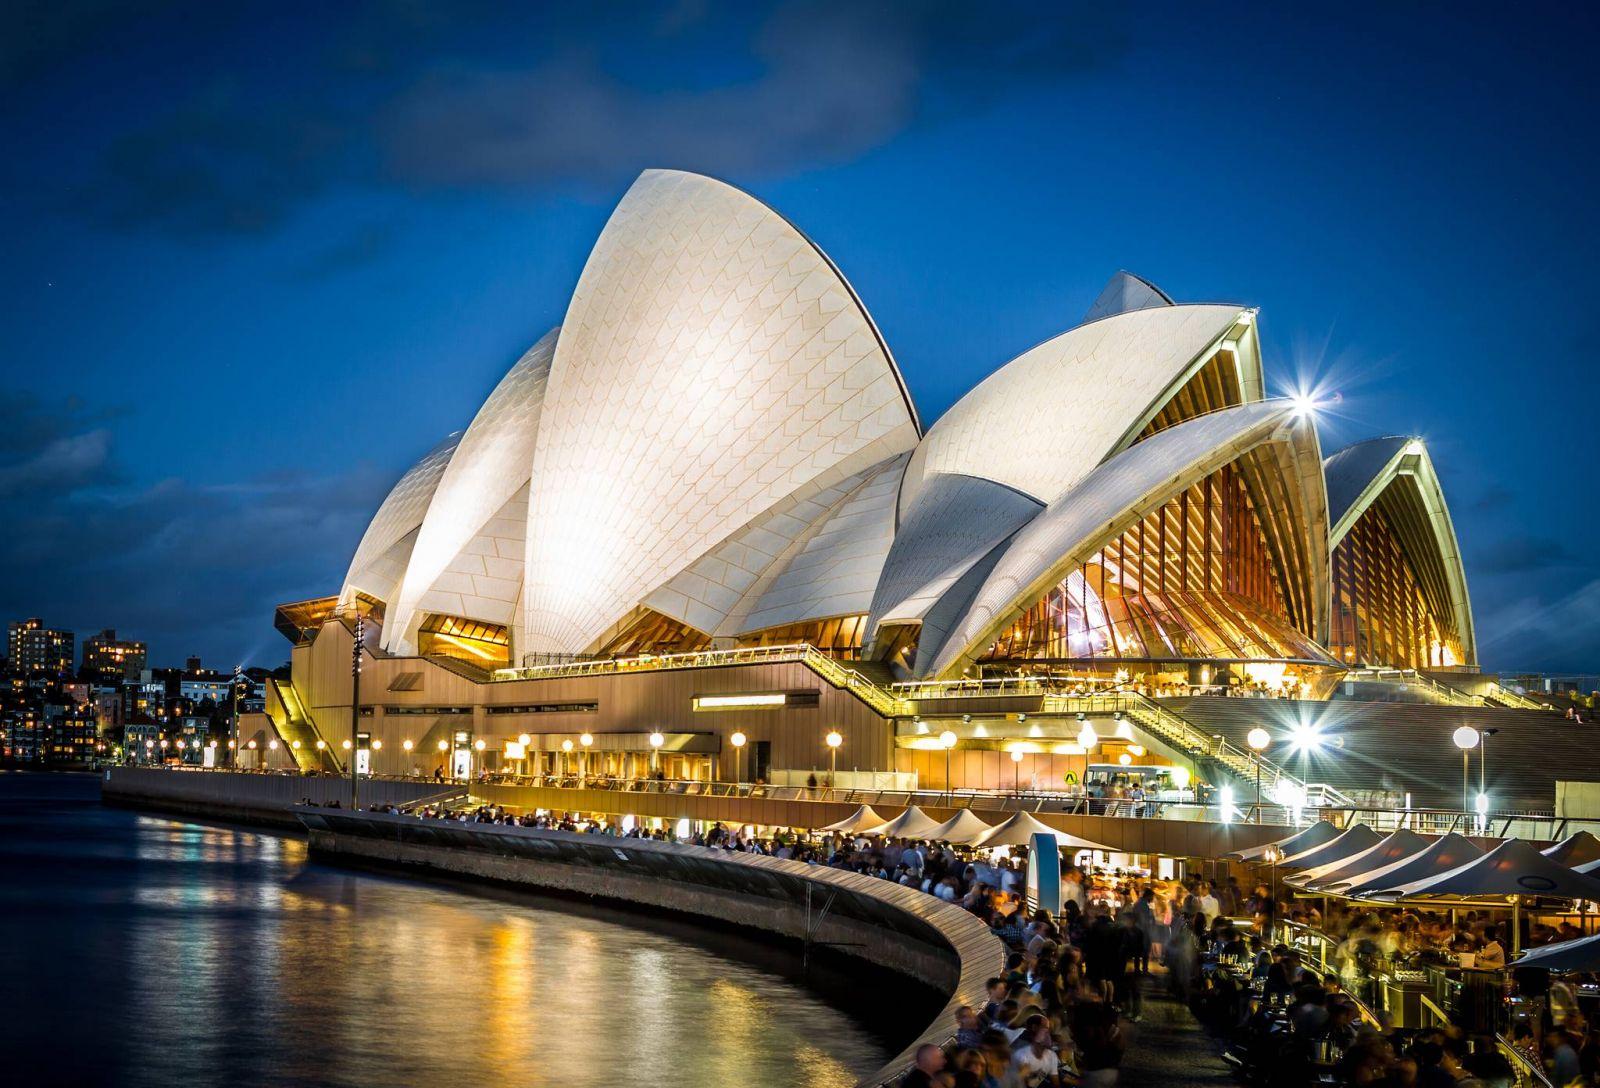 Nhanh tay đặt ngay vé máy bay từ Mỹ sang Úc trong mùa hè năm nay